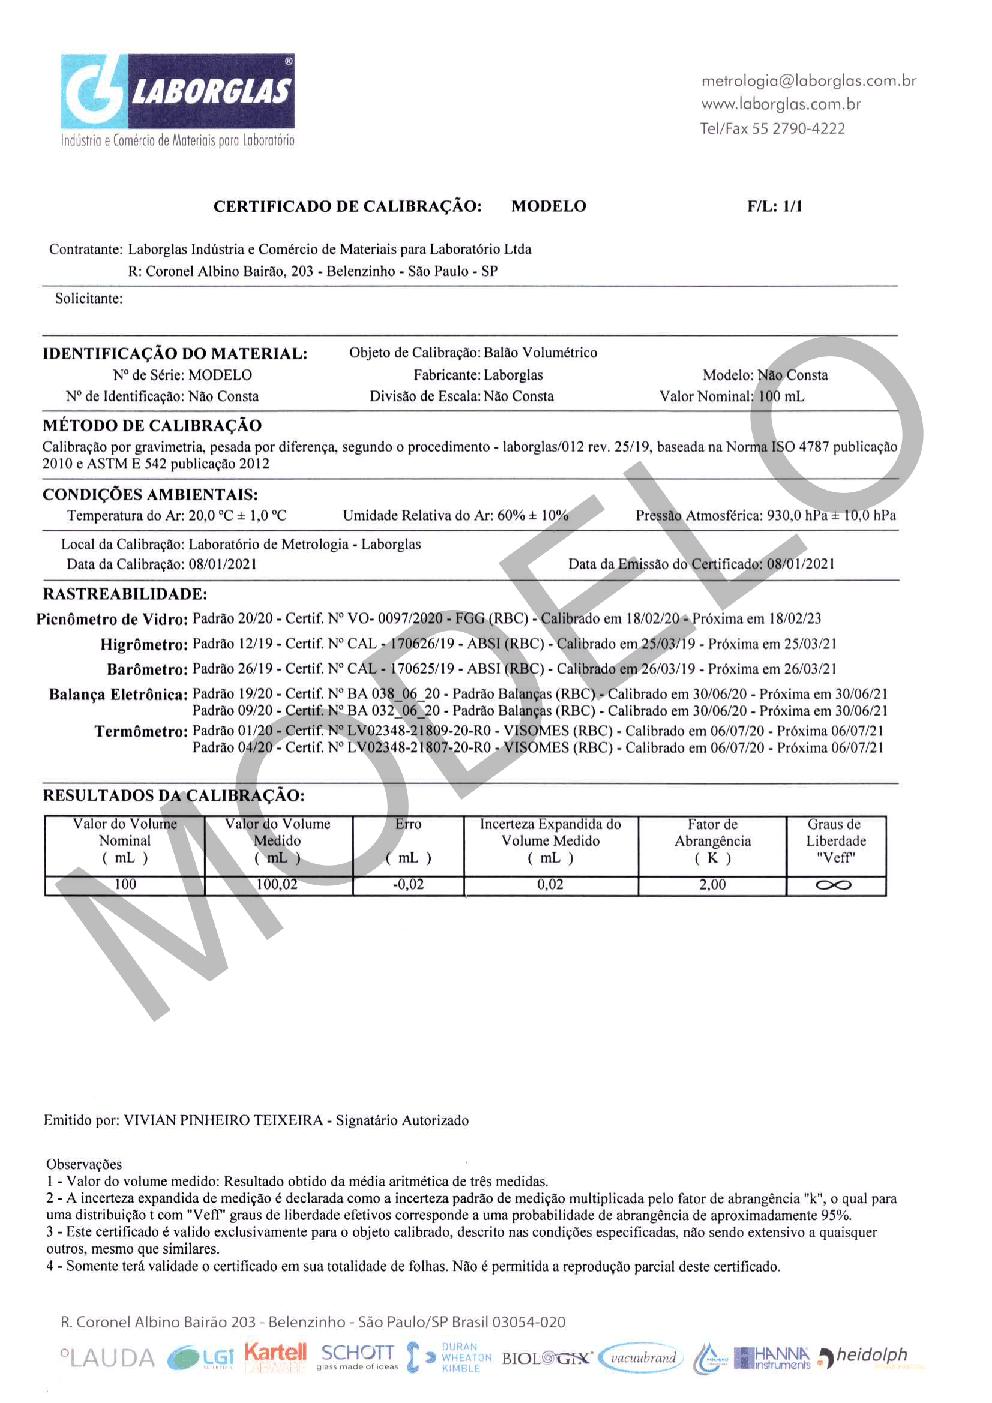 BALÃO VOLUMÉTRICO CLASSE A ROLHA POLI C/ CERTIFICADO RASTREÁVEL 250 ML - Marca Laborglas - Cód. 9167836-C